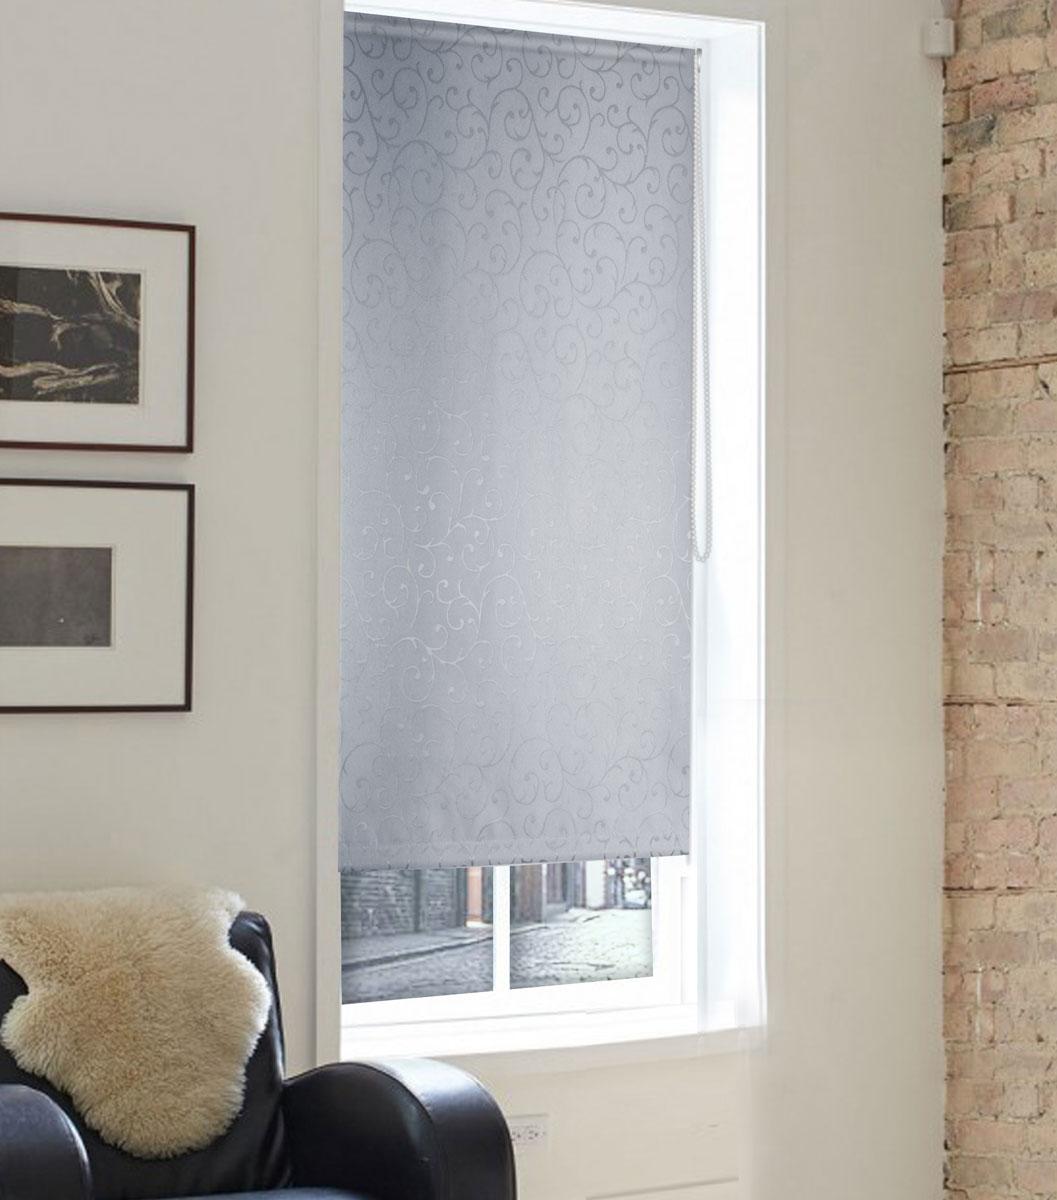 Штора рулонная Эскар Миниролло. Агат, фактурная, цвет: серый, ширина 68 см, высота 160 см штора рулонная эскар миниролло агат цвет серый ширина 73 см высота 160 см